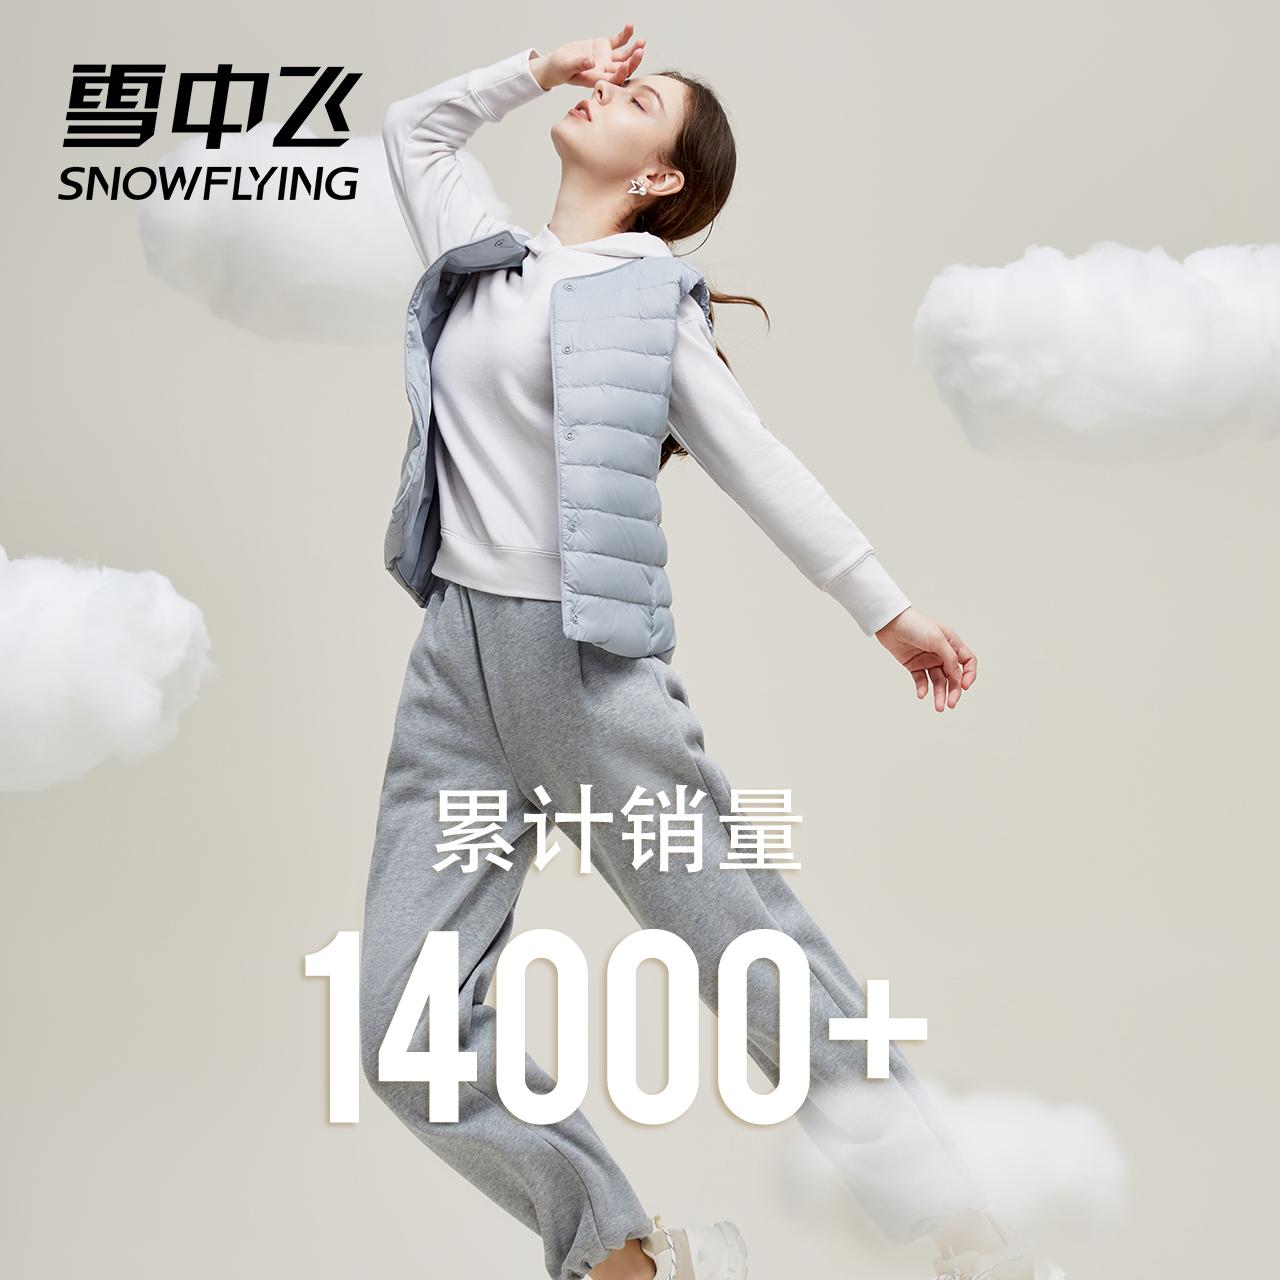 雪中飞2021秋季新款基础舒适轻薄女士短款保暖易搭羽绒小马甲